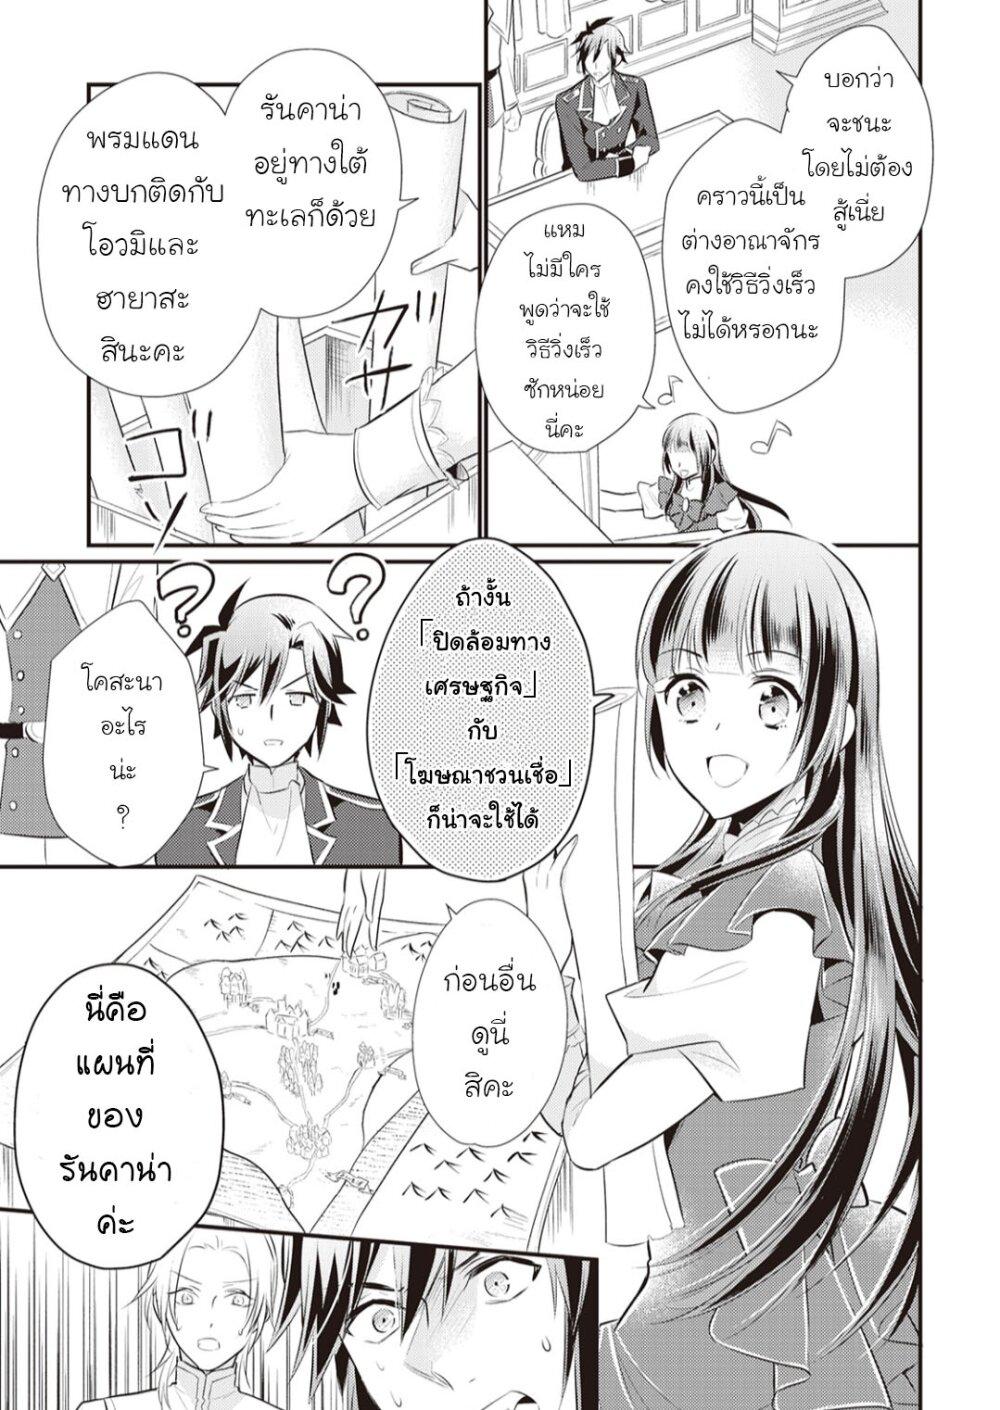 อ่านการ์ตูน Daites Ryou Koubouki ตอนที่ 24 หน้าที่ 15